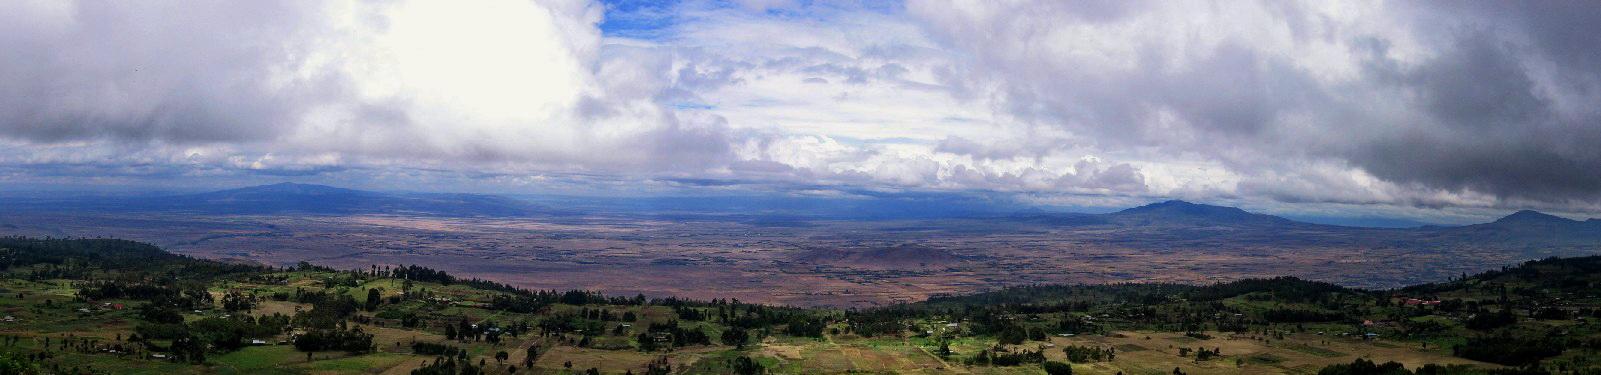 01 Rift Valley